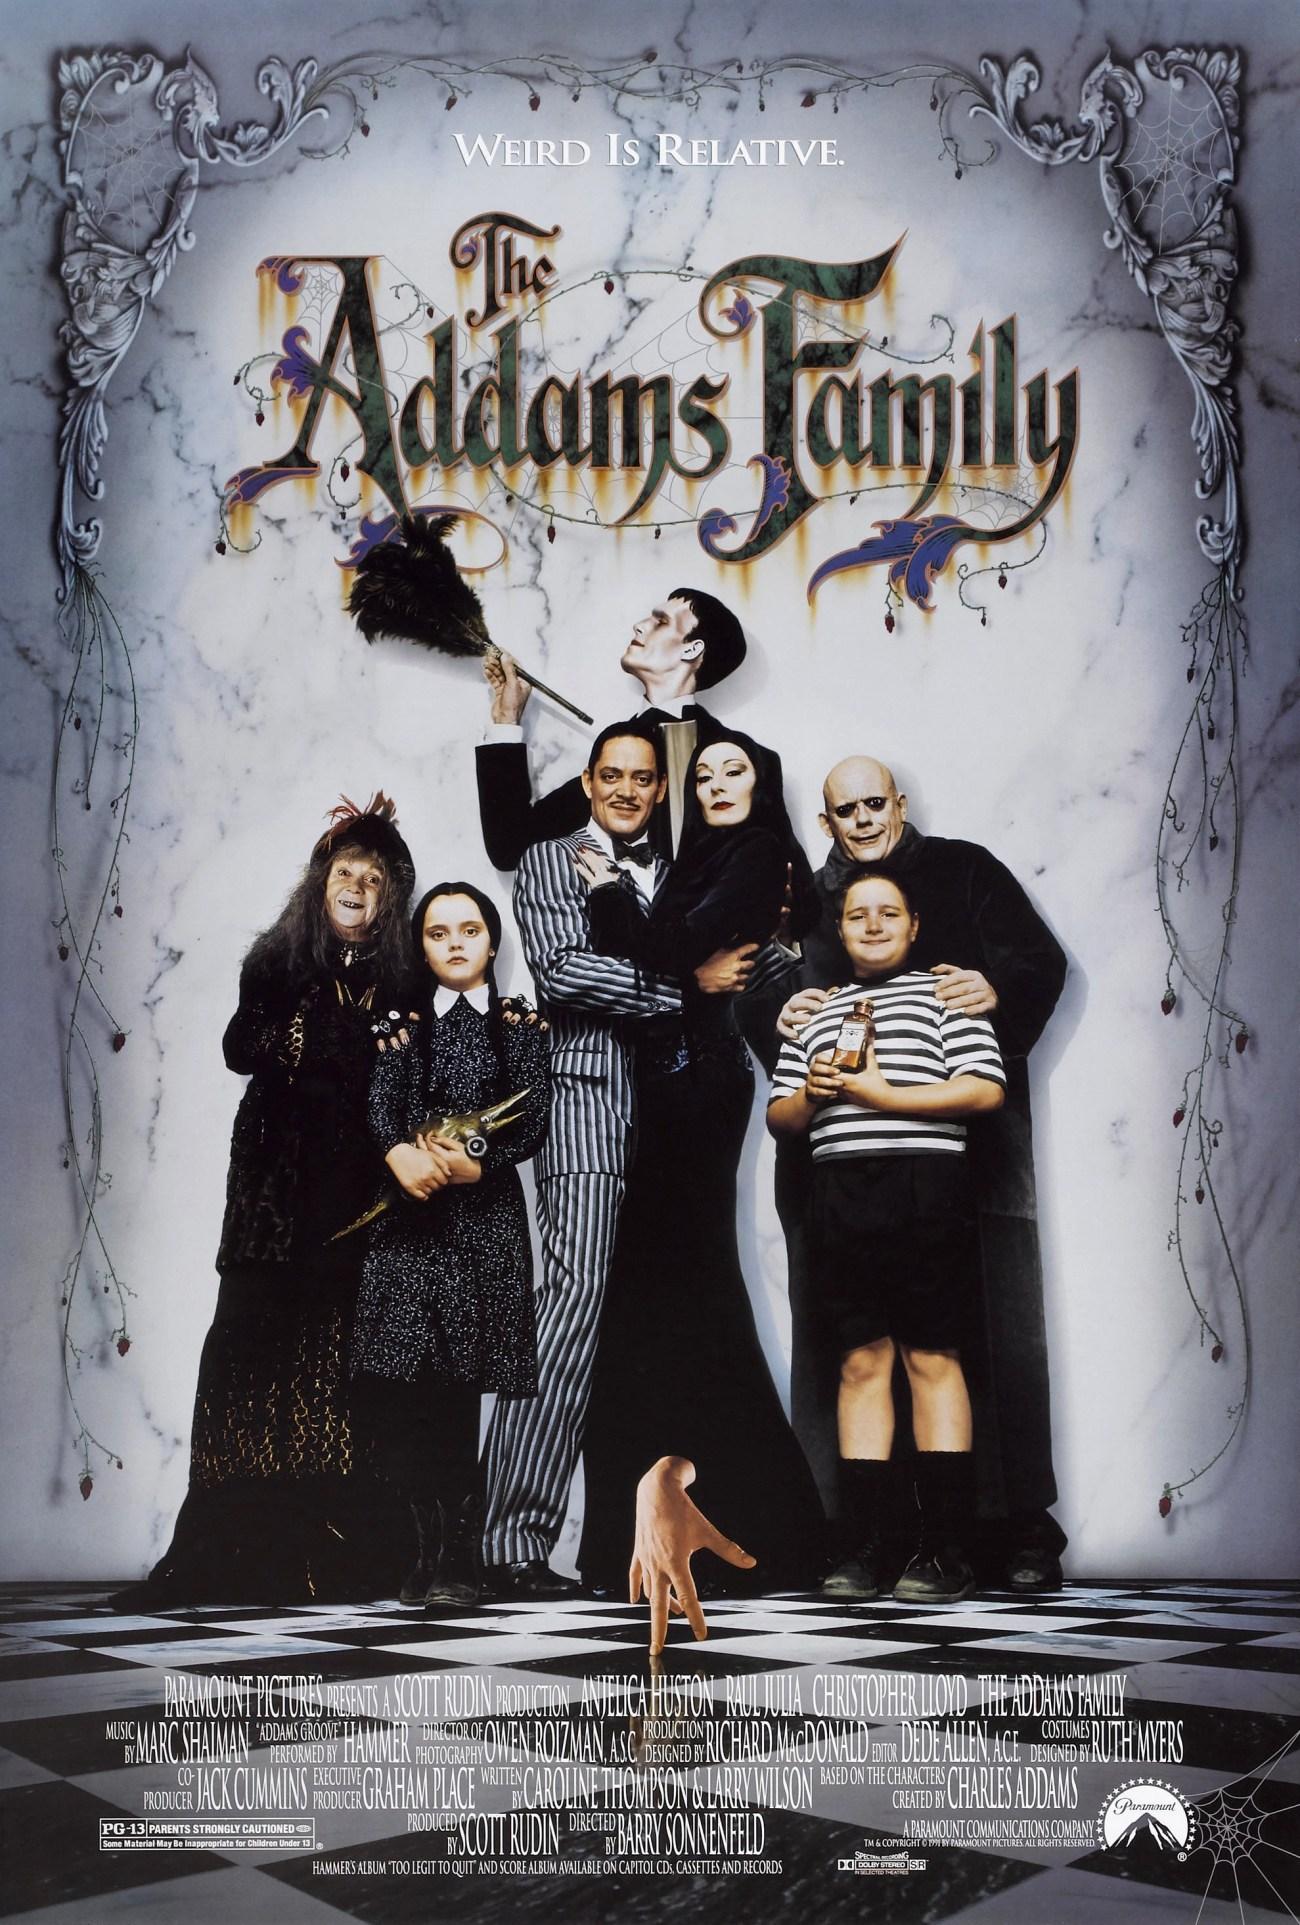 Póster de The Addams Family (1991). Imagen: impawards.com